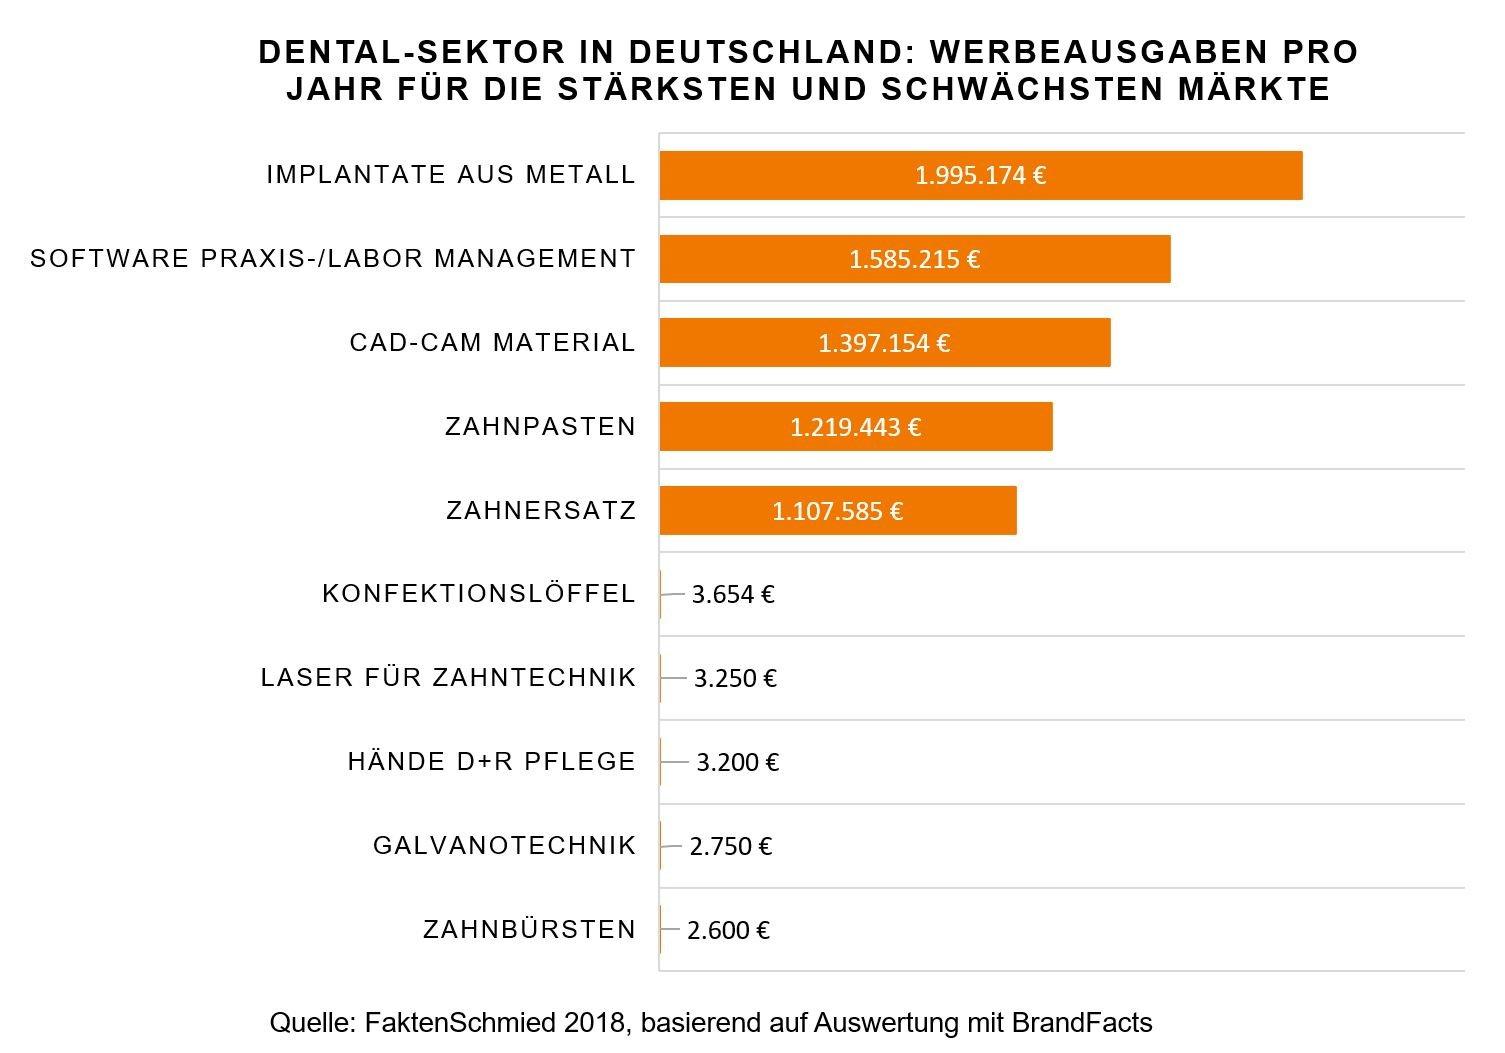 Werbeausgaben pro Jahr im Dental-Sektor in Deutschland